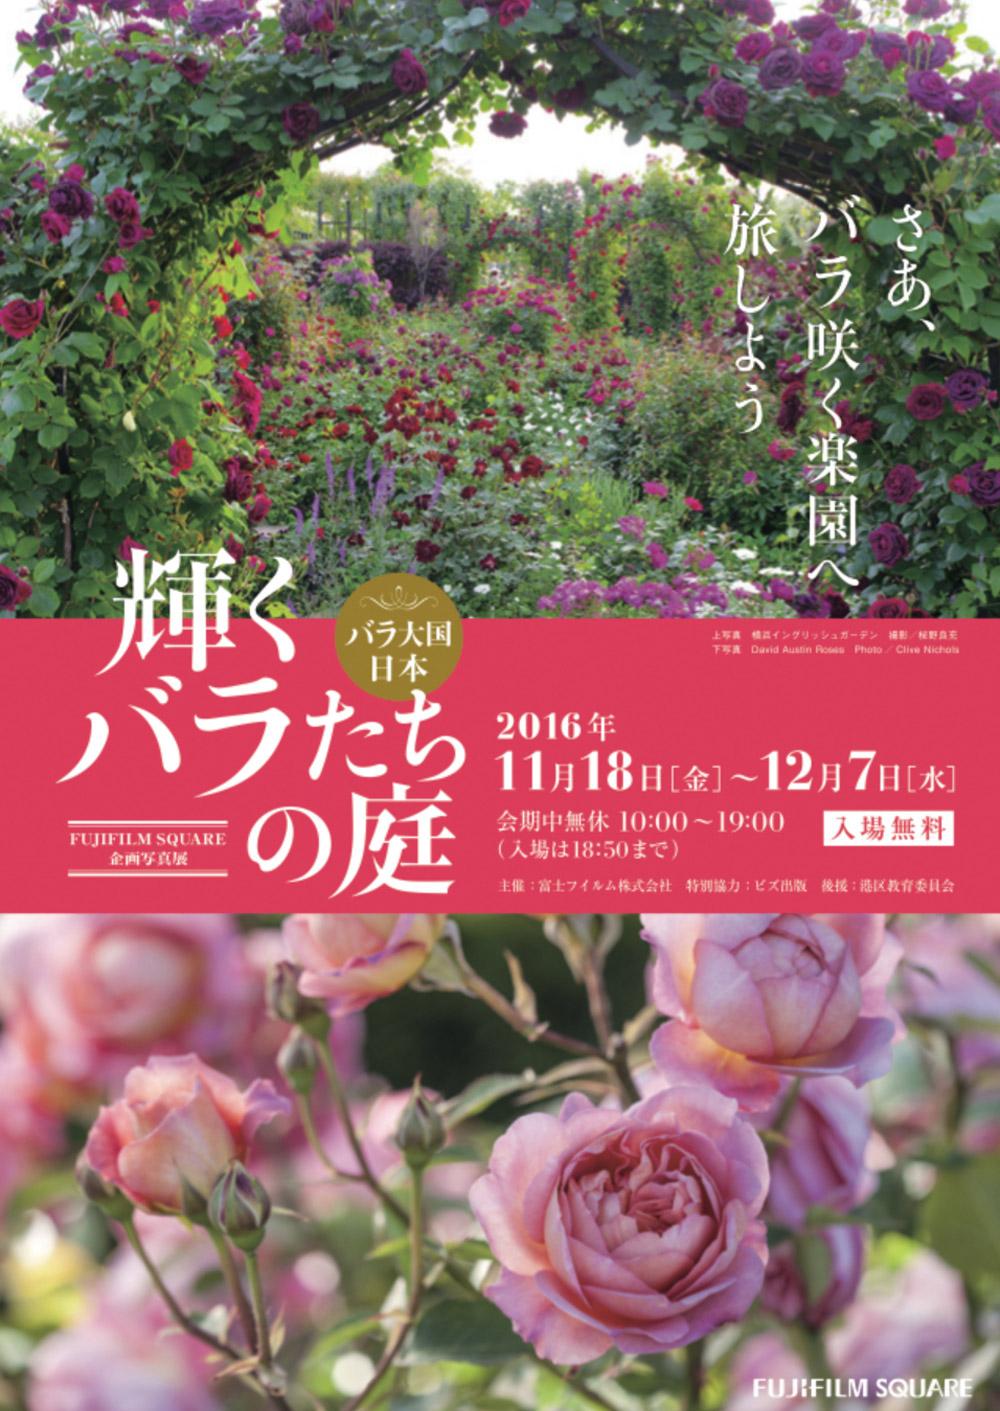 2016年11月18日~12月7日『輝くバラたちの庭』フジフイルムスクエア特別協力BISES出版